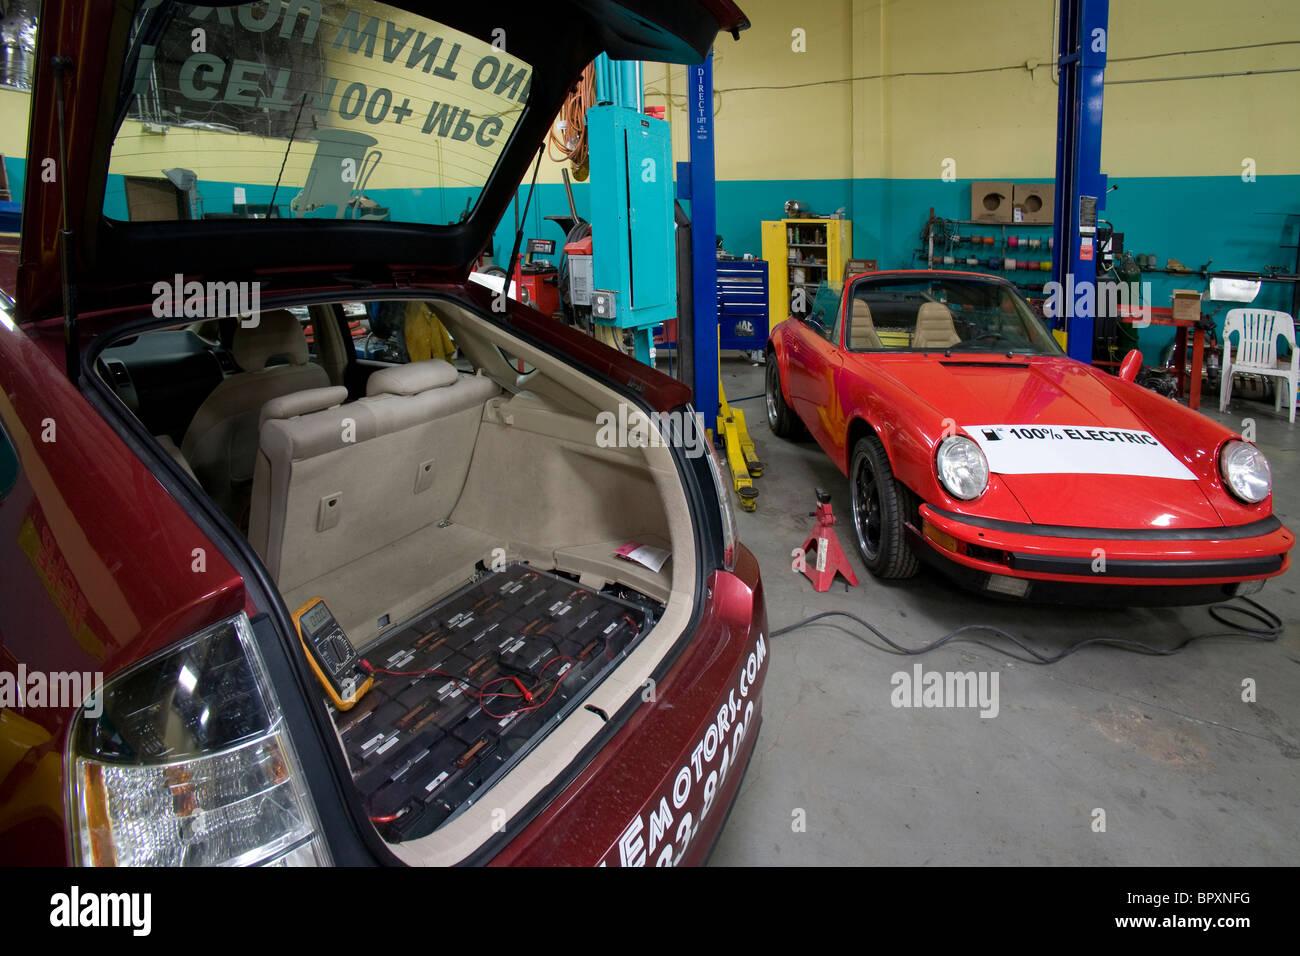 Une voiture hybride Toyota Prius moteur principal de la batterie, Photo Stock